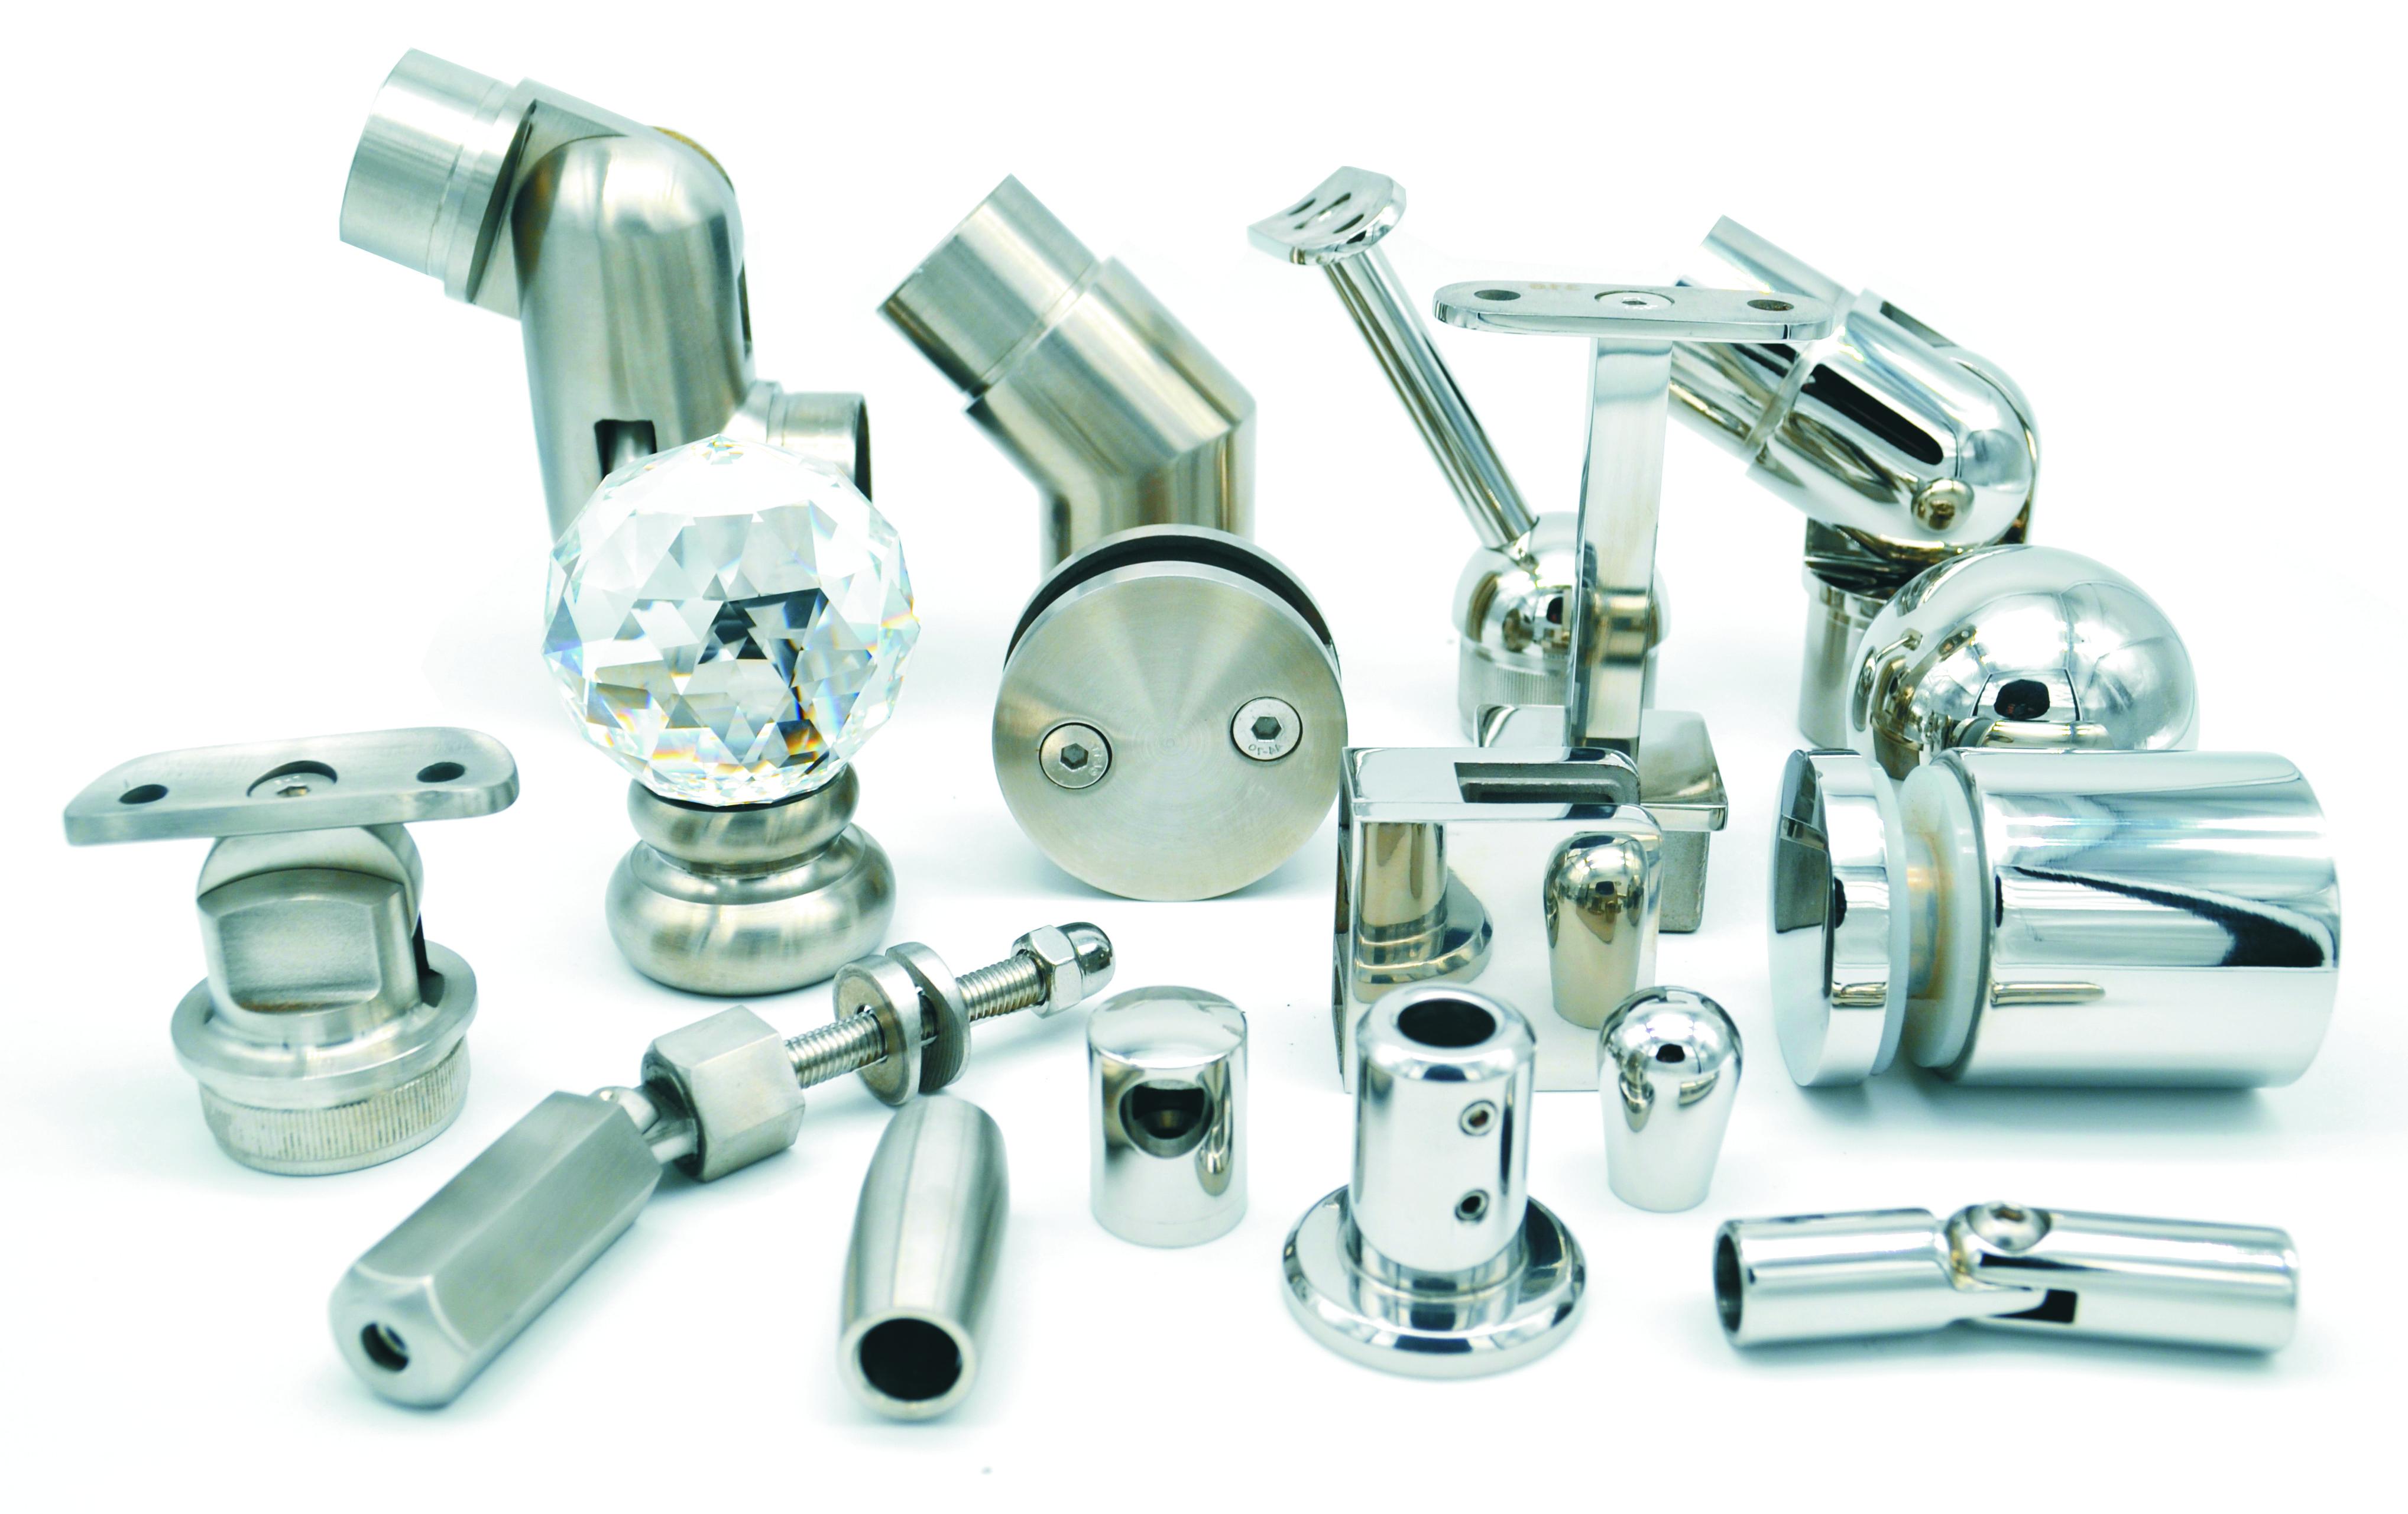 Diferencia aceros inoxidables satinado y pulido espejo AISI304 AISI316